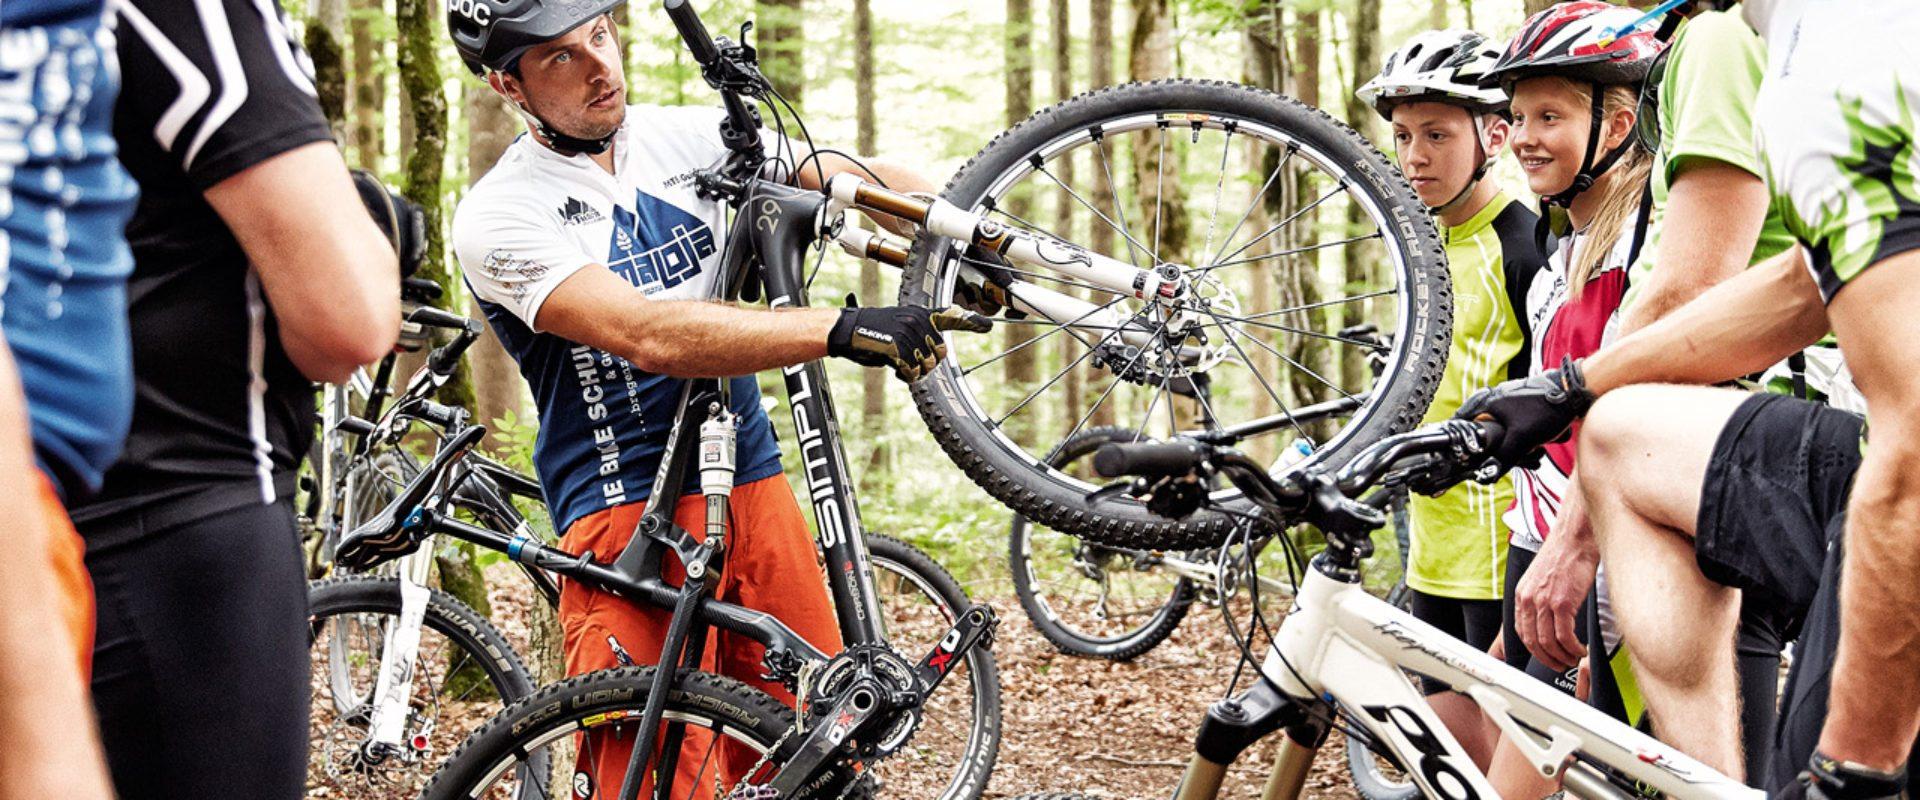 Am Bike zum Panoramarundblick